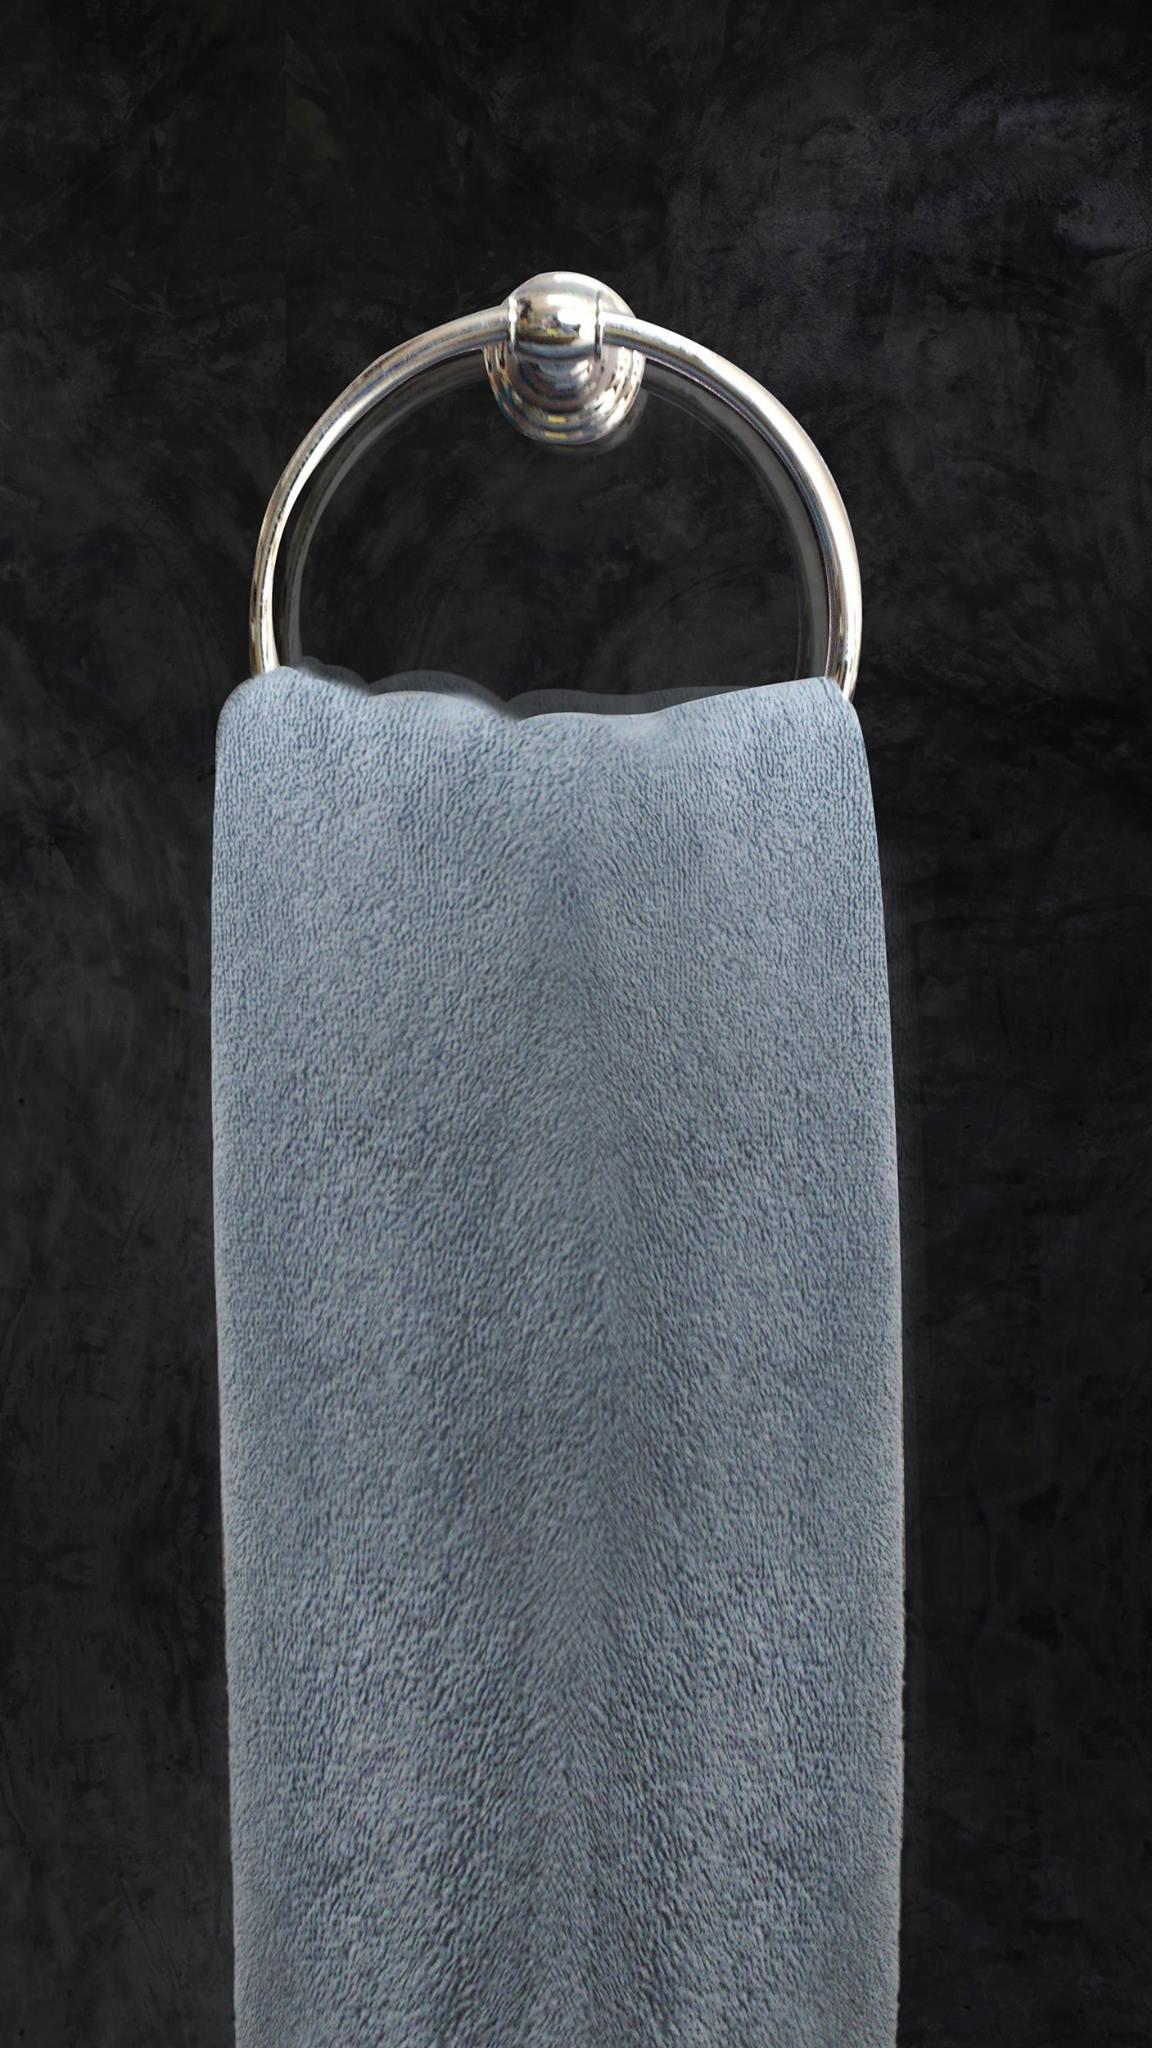 ผ้าขนหนู-สีเทา 8 p. (12 pcs./pack) STK_TWLG003